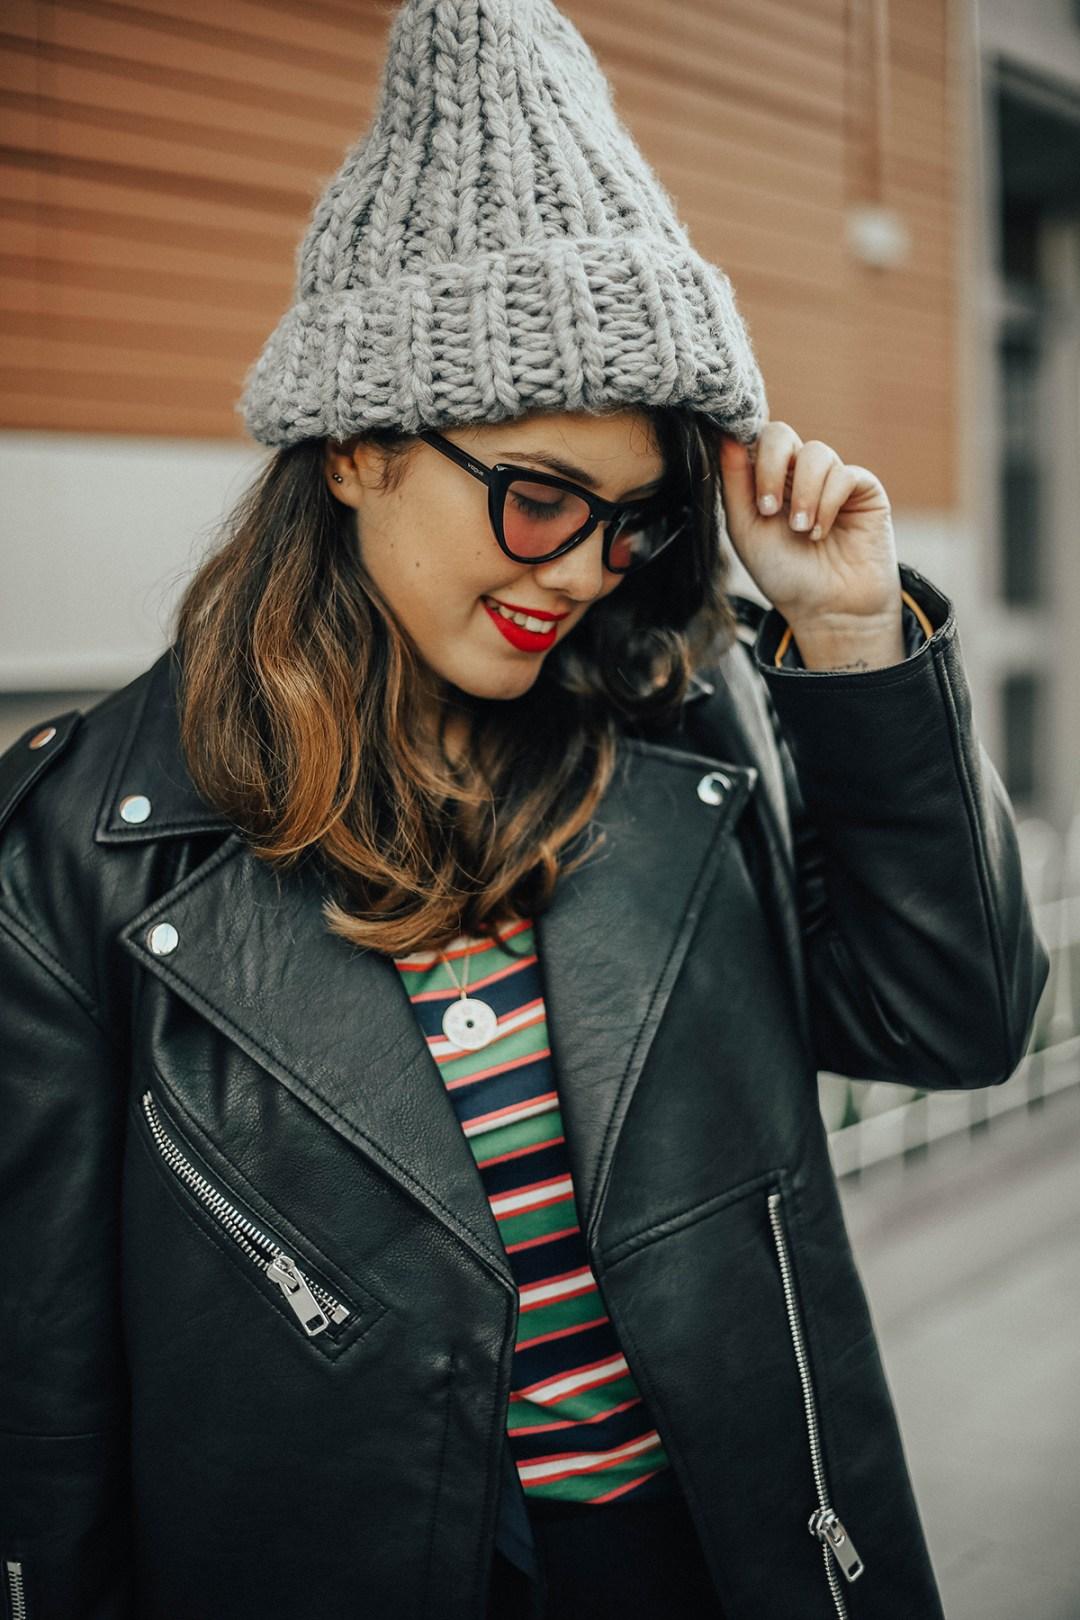 gigi-x-vogue-eyewear-cat-eye-sunglasses-streetstyle-myblueberrynightsblog5